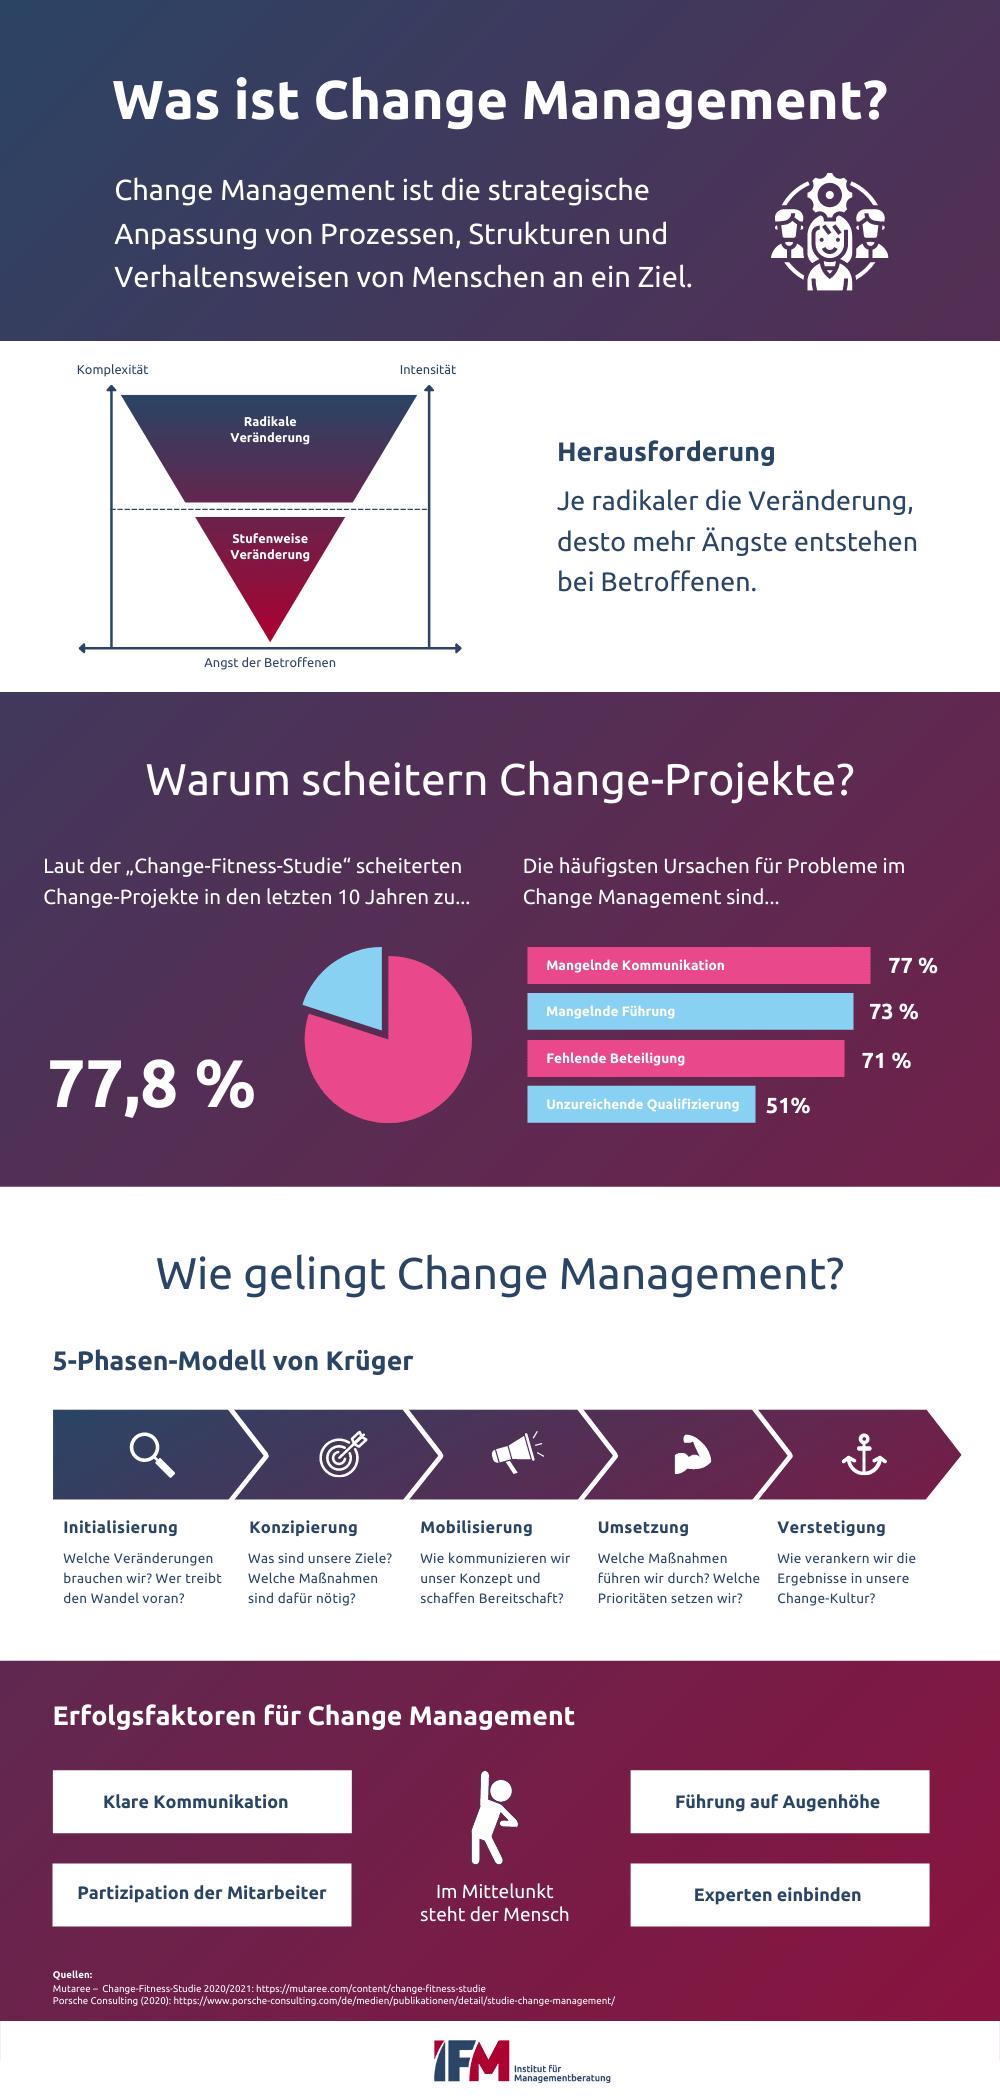 Infografik zum Change Management zeigt, was Unternehmen befolgen müssen, um Change-Projekte zum Erfolg zu führen